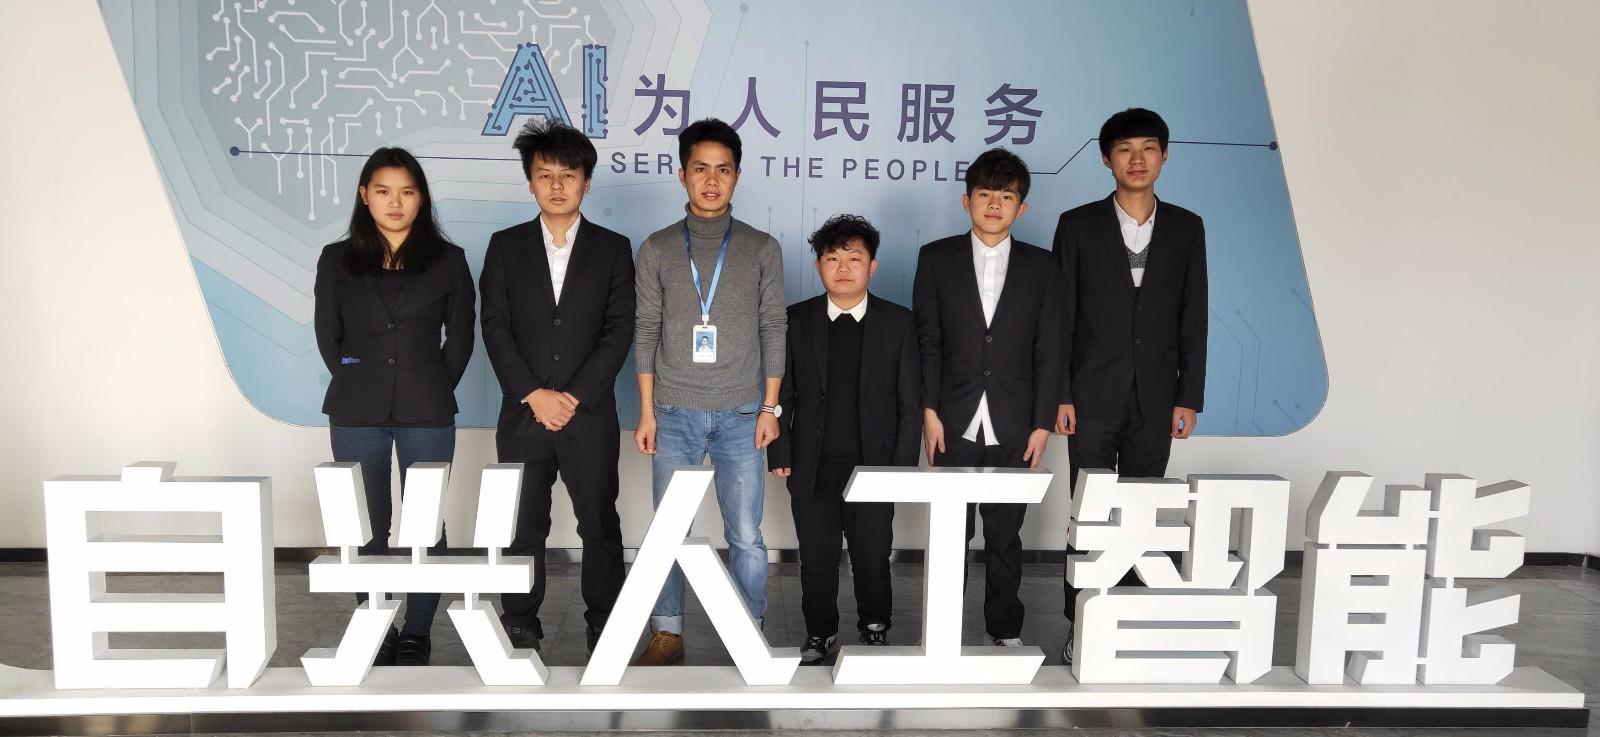 自兴人工智能学院学员在国际Kaggle竞赛中排名全球第三